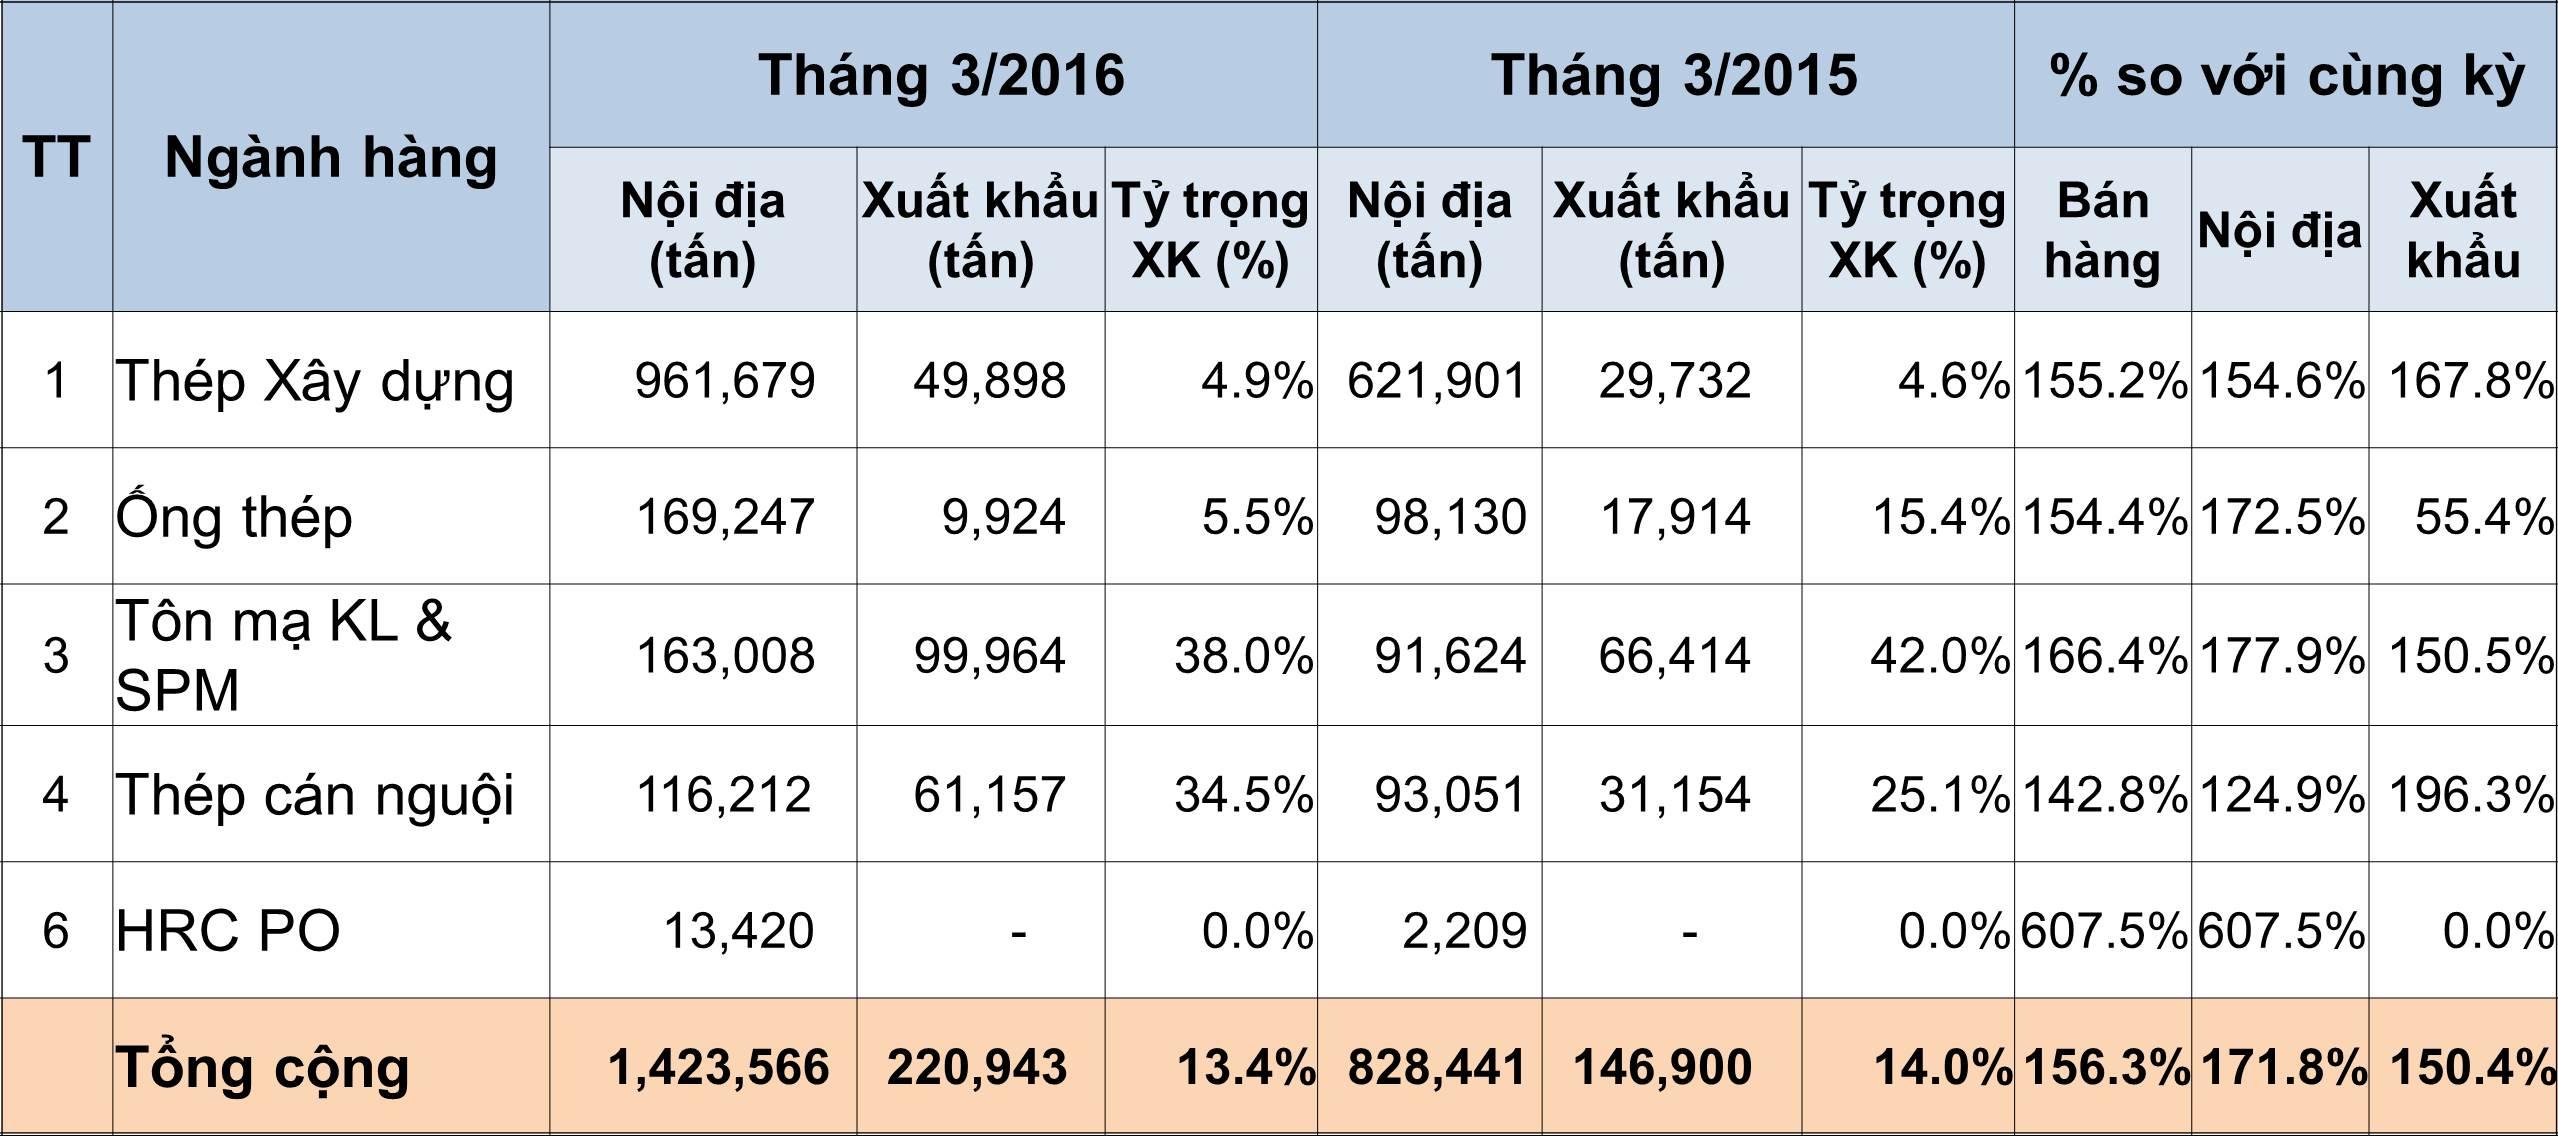 Thang3.2016